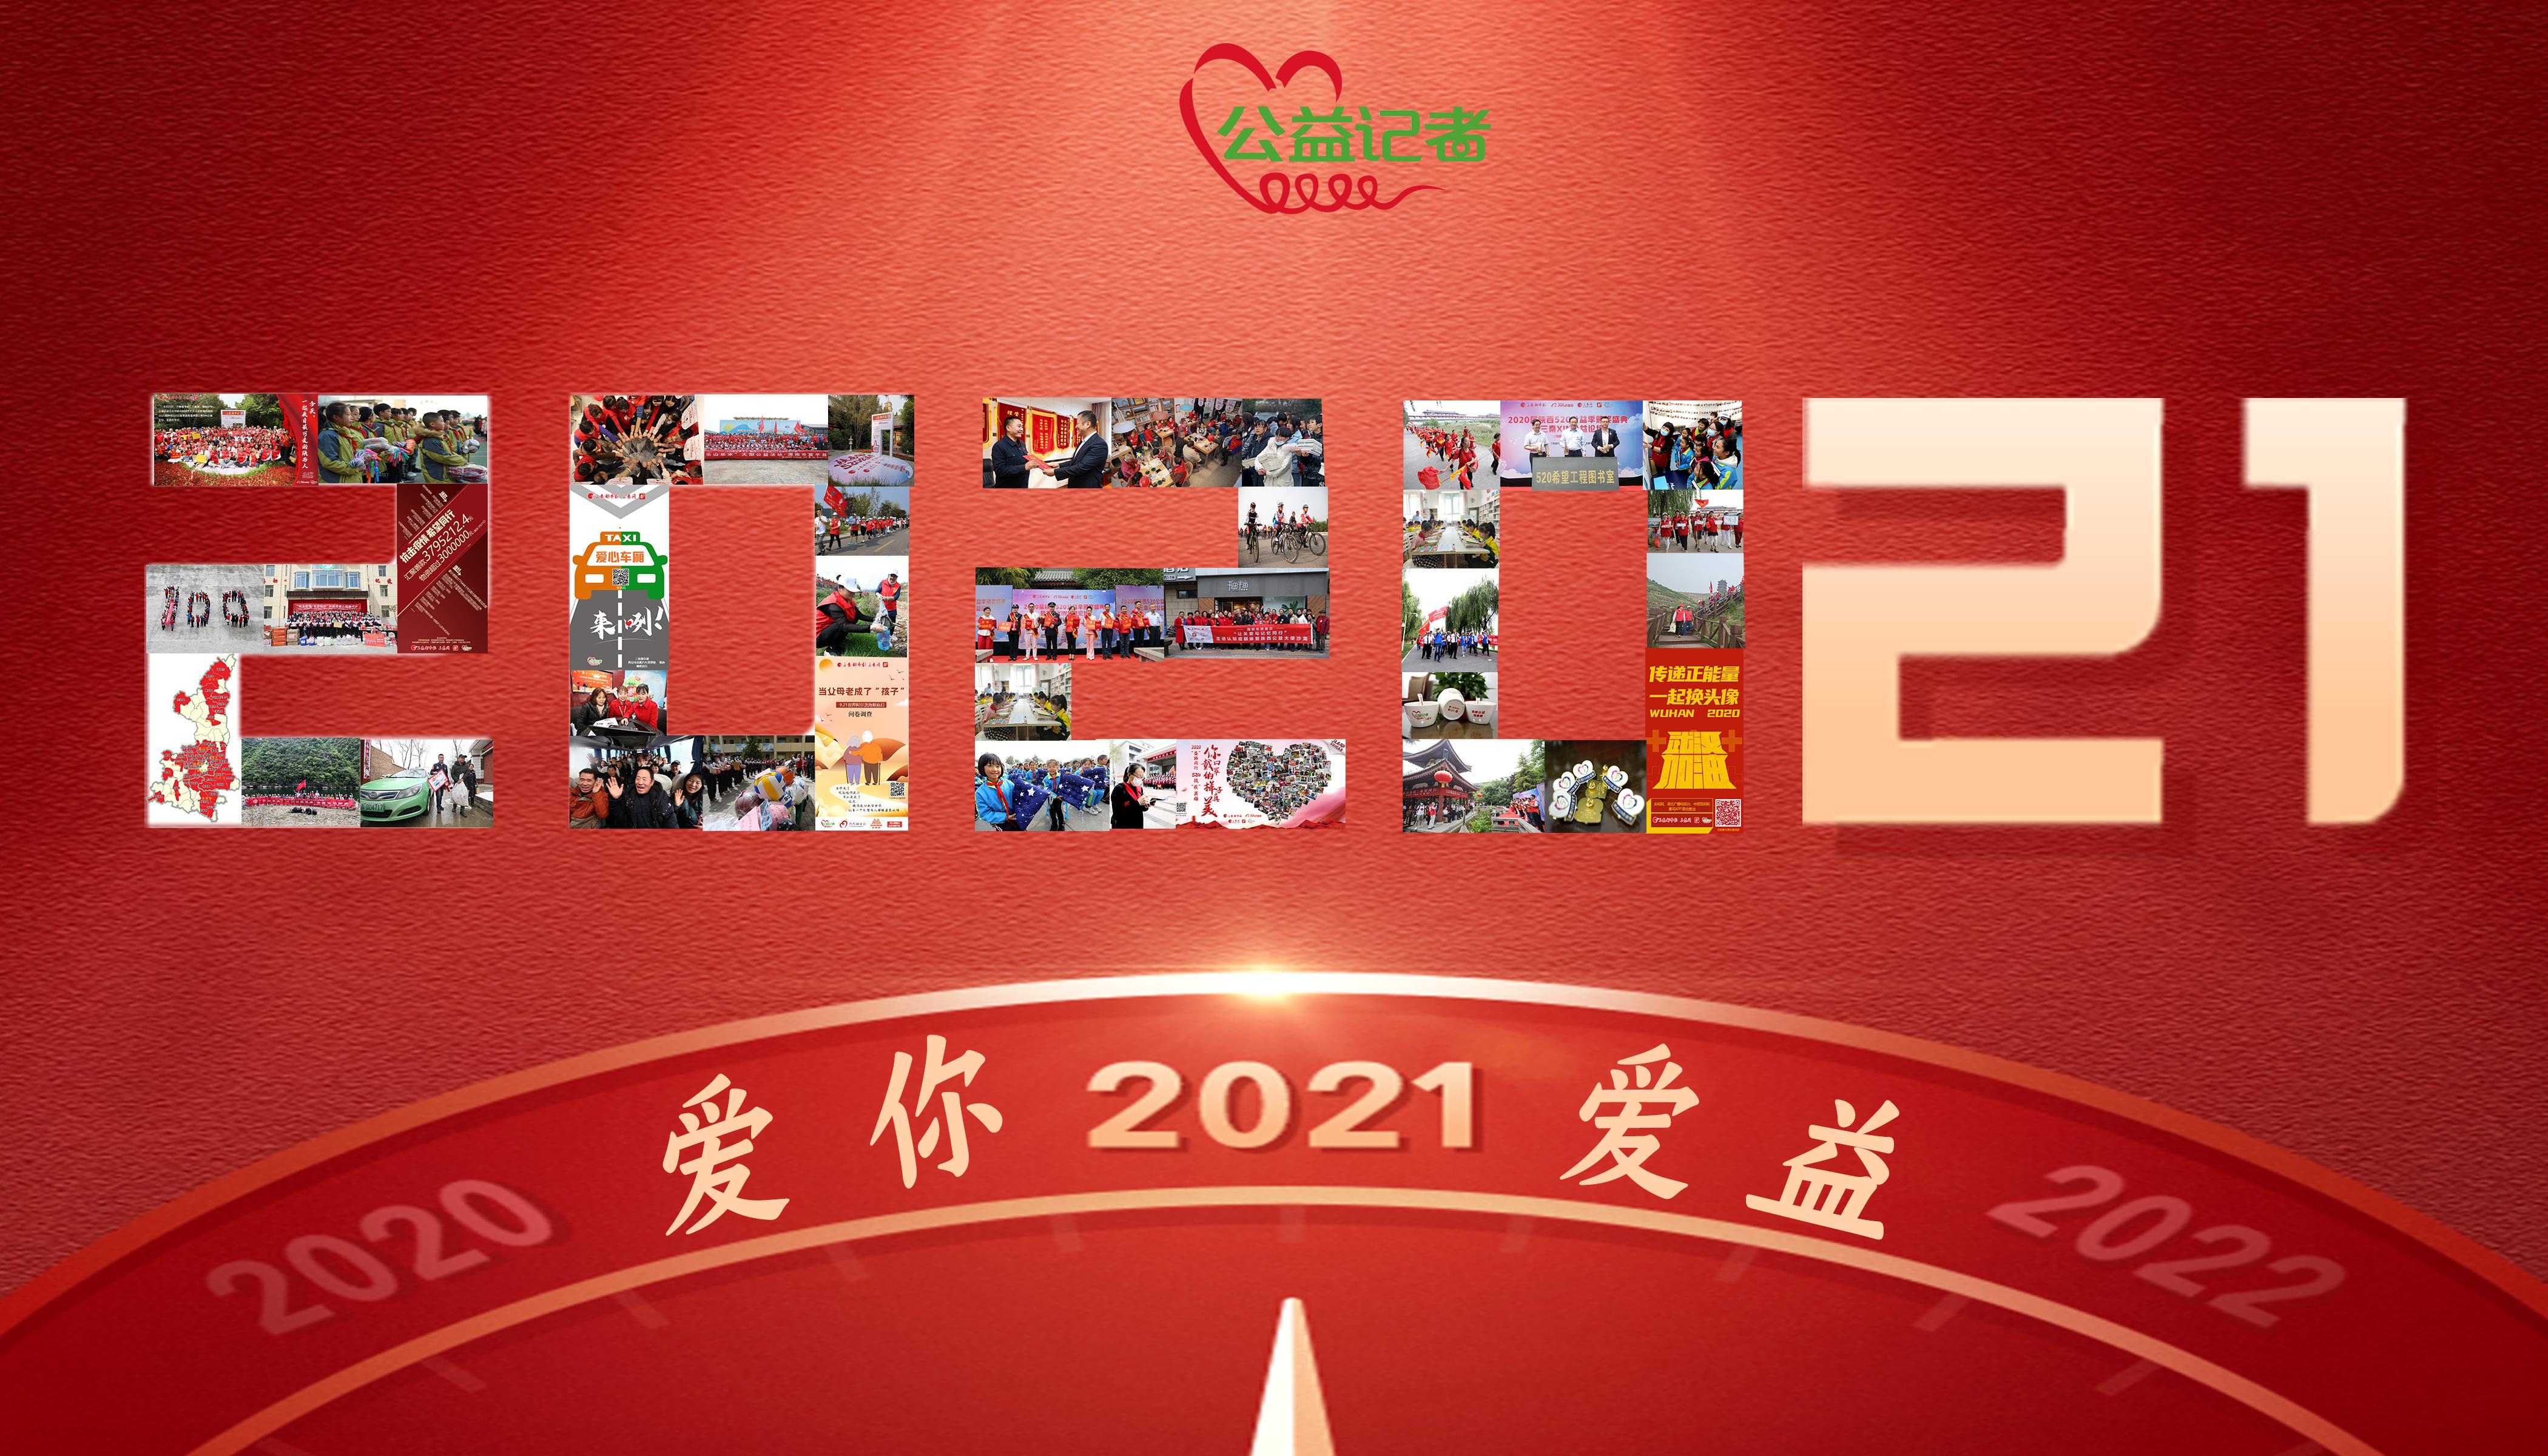 2021爱你爱�公益